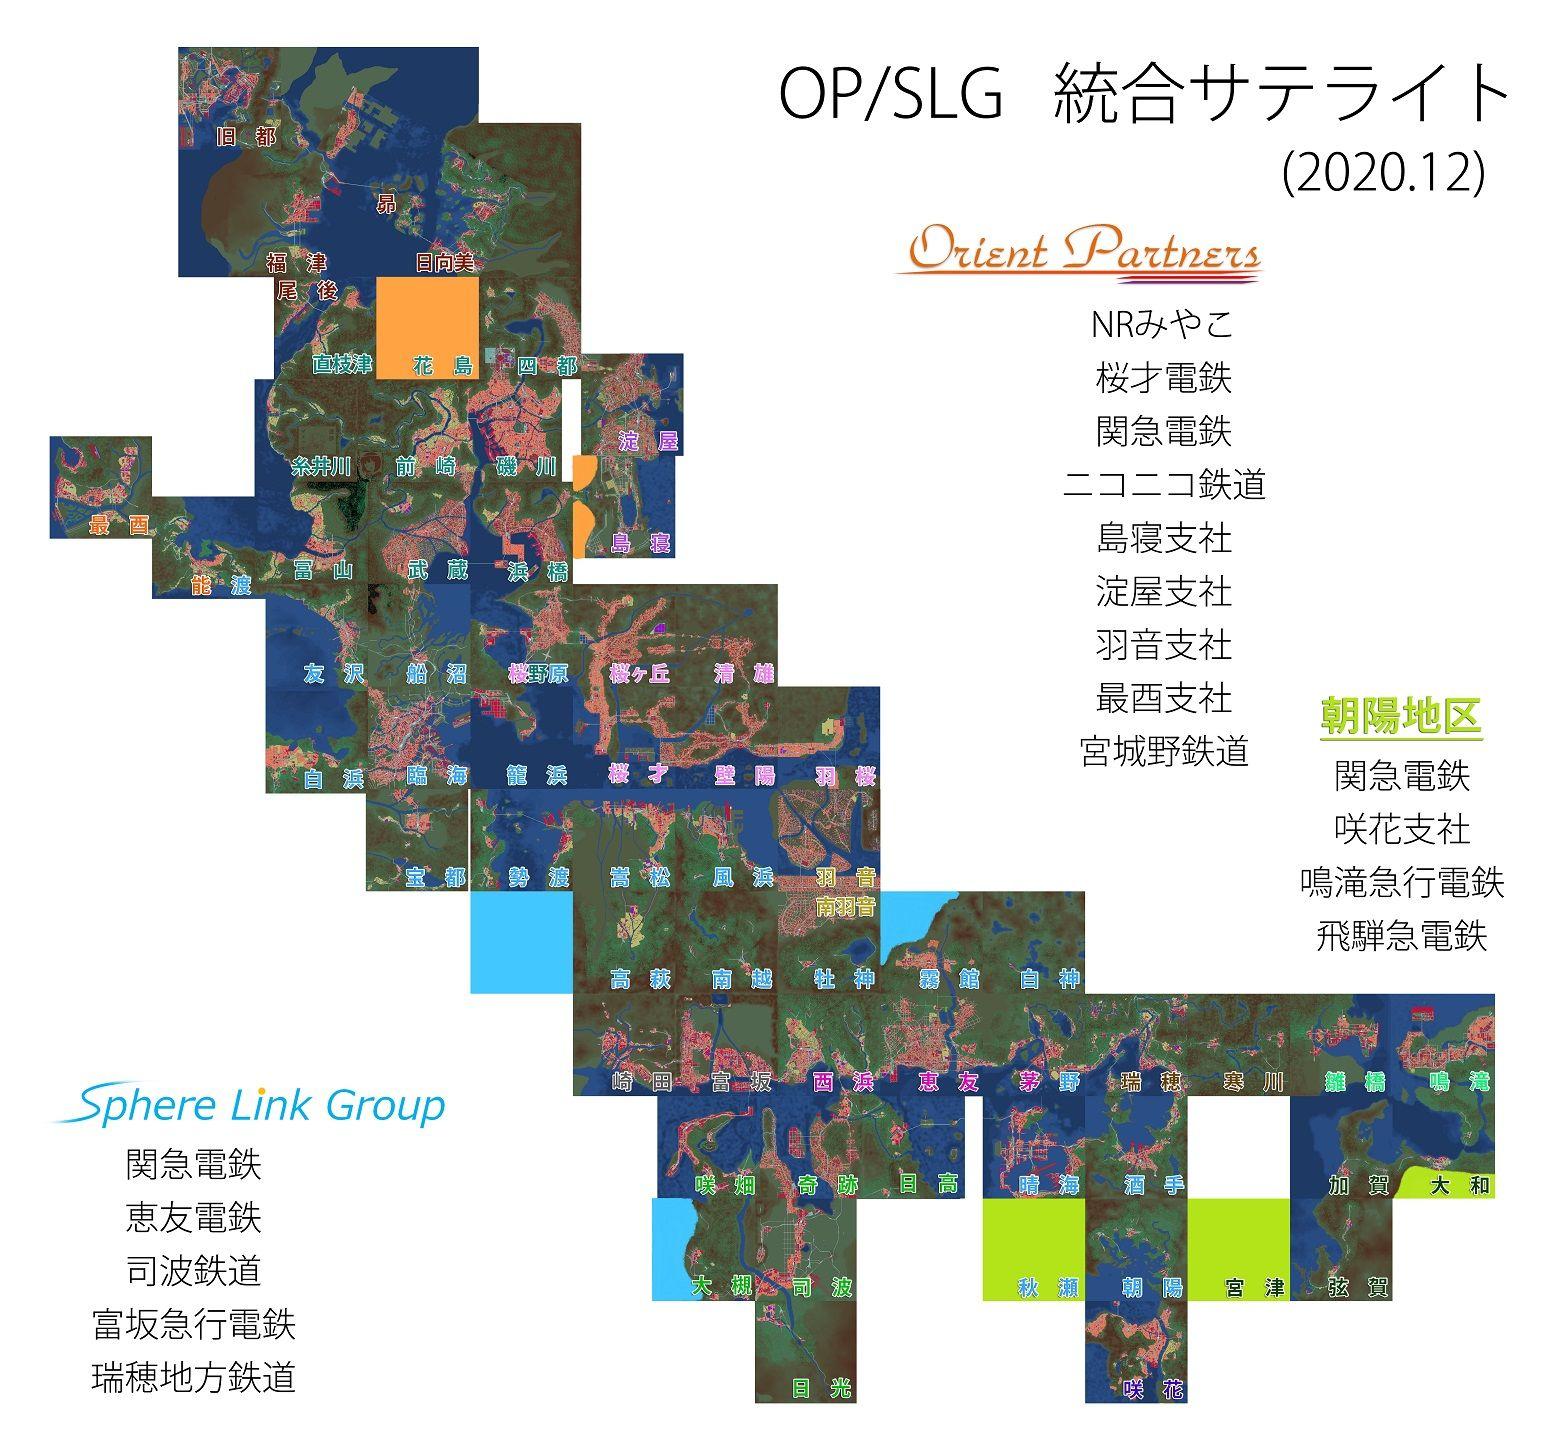 北オリパスフィア広域サテライト_202012_0.jpg